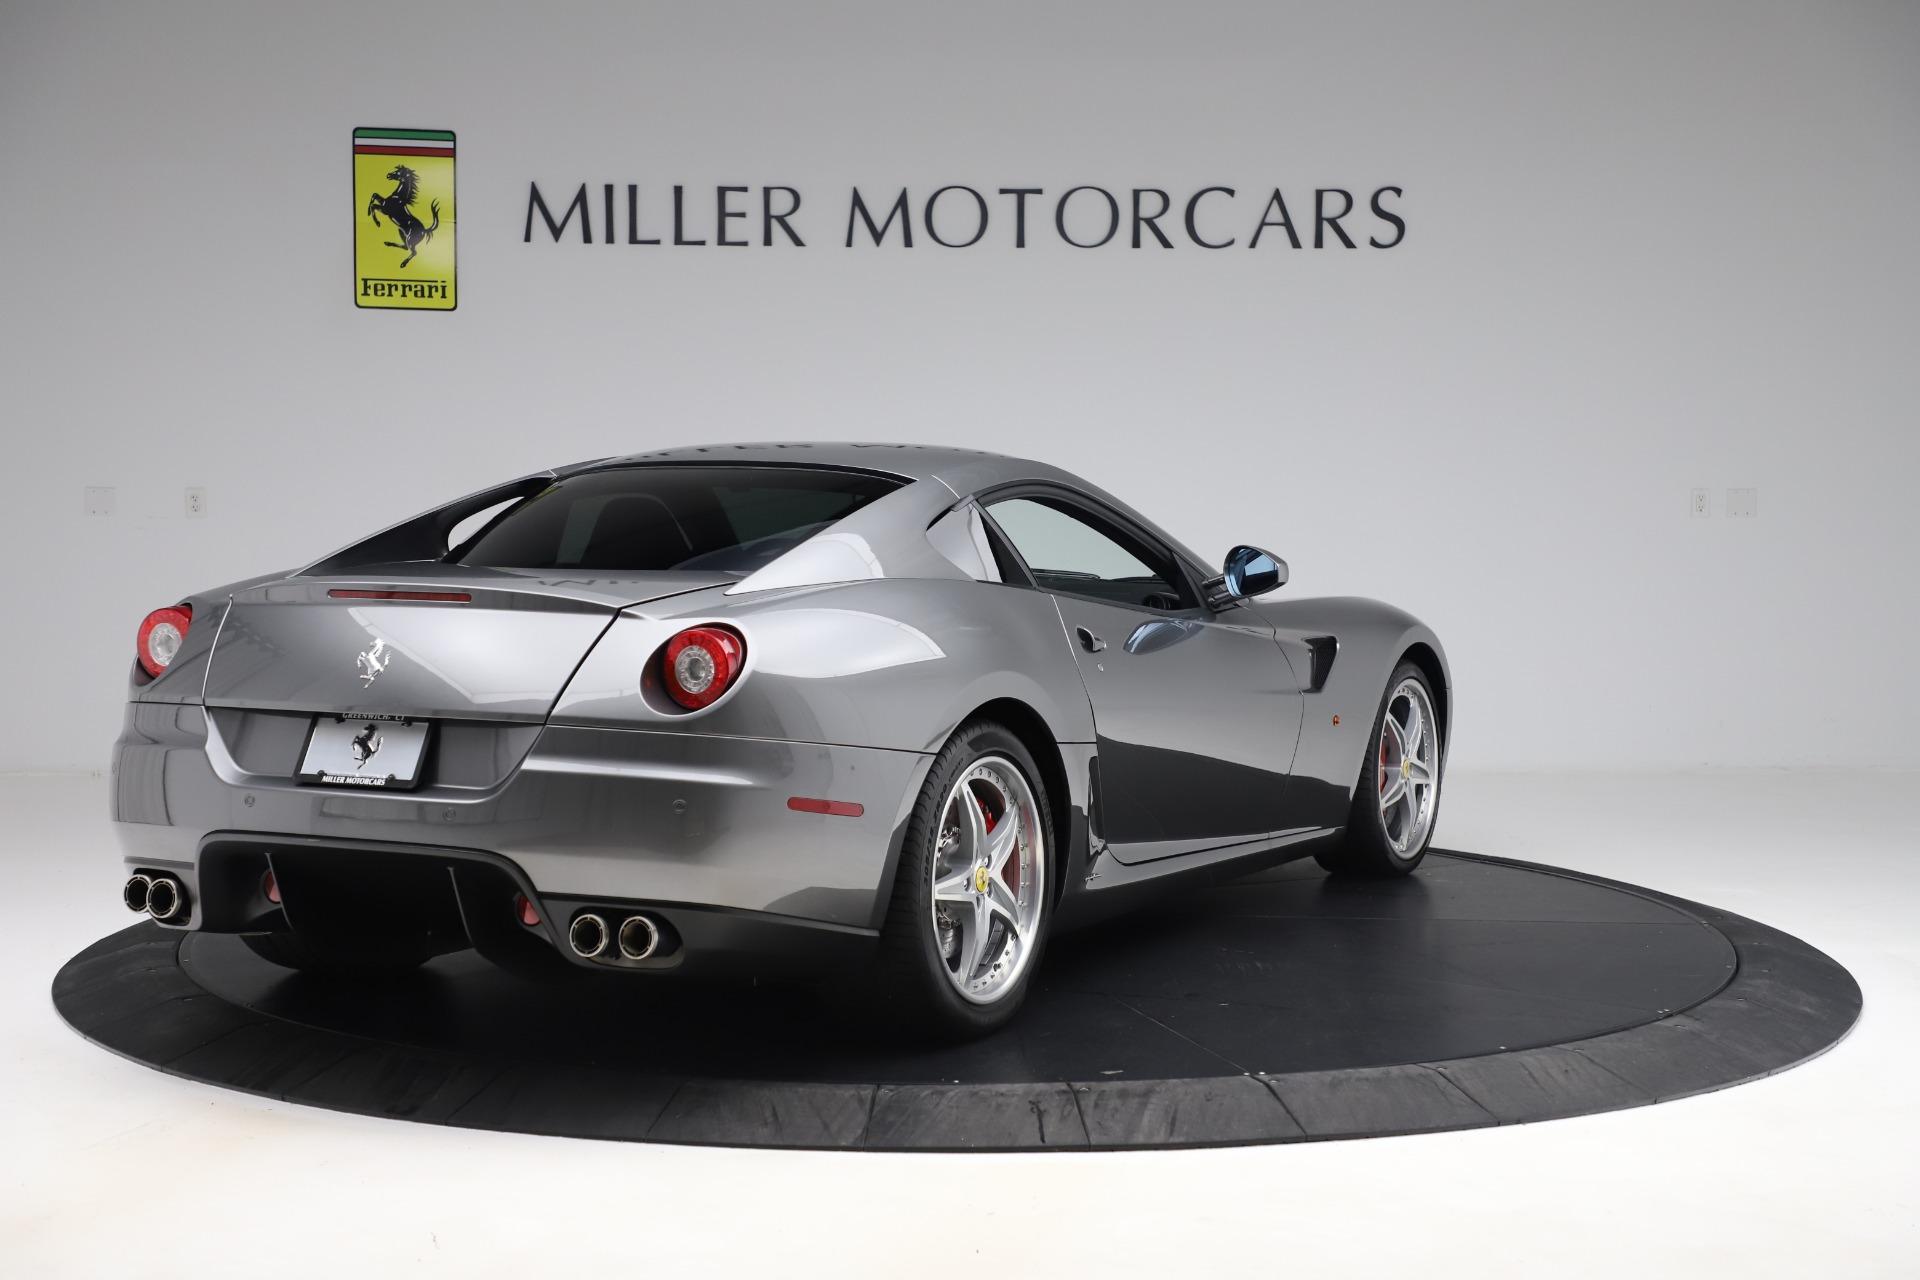 Used 2010 Ferrari 599 GTB Fiorano HGTE For Sale In Westport, CT 3544_p7